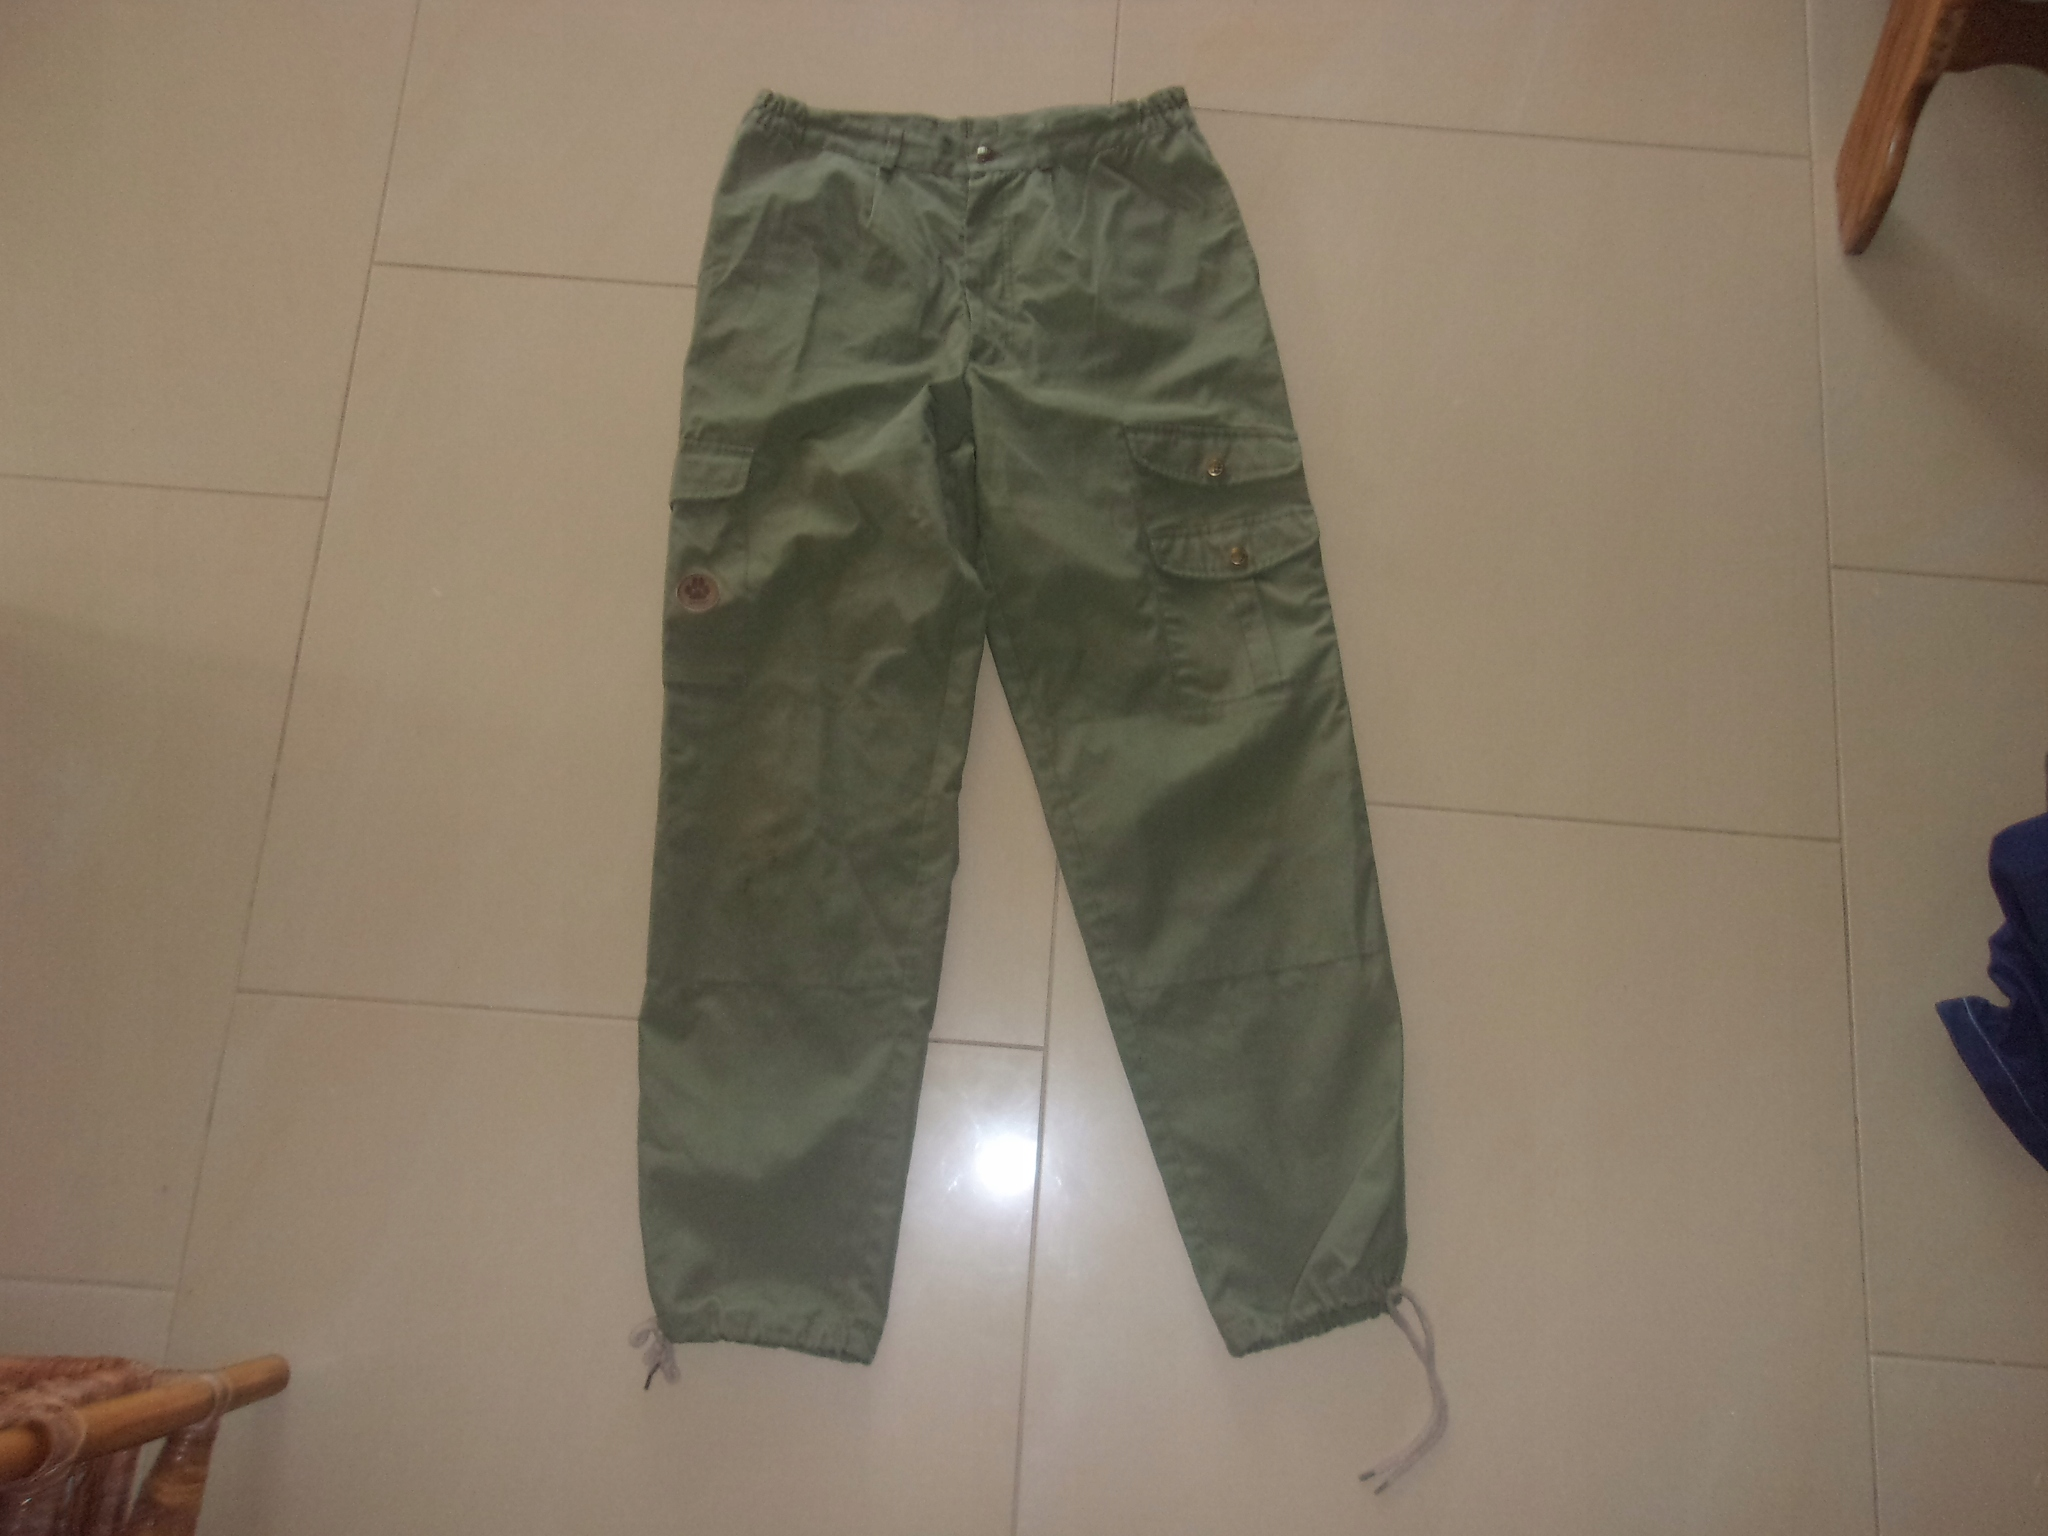 Spodnie trekkingowe GAUPA młodzieżowe 16 16lat